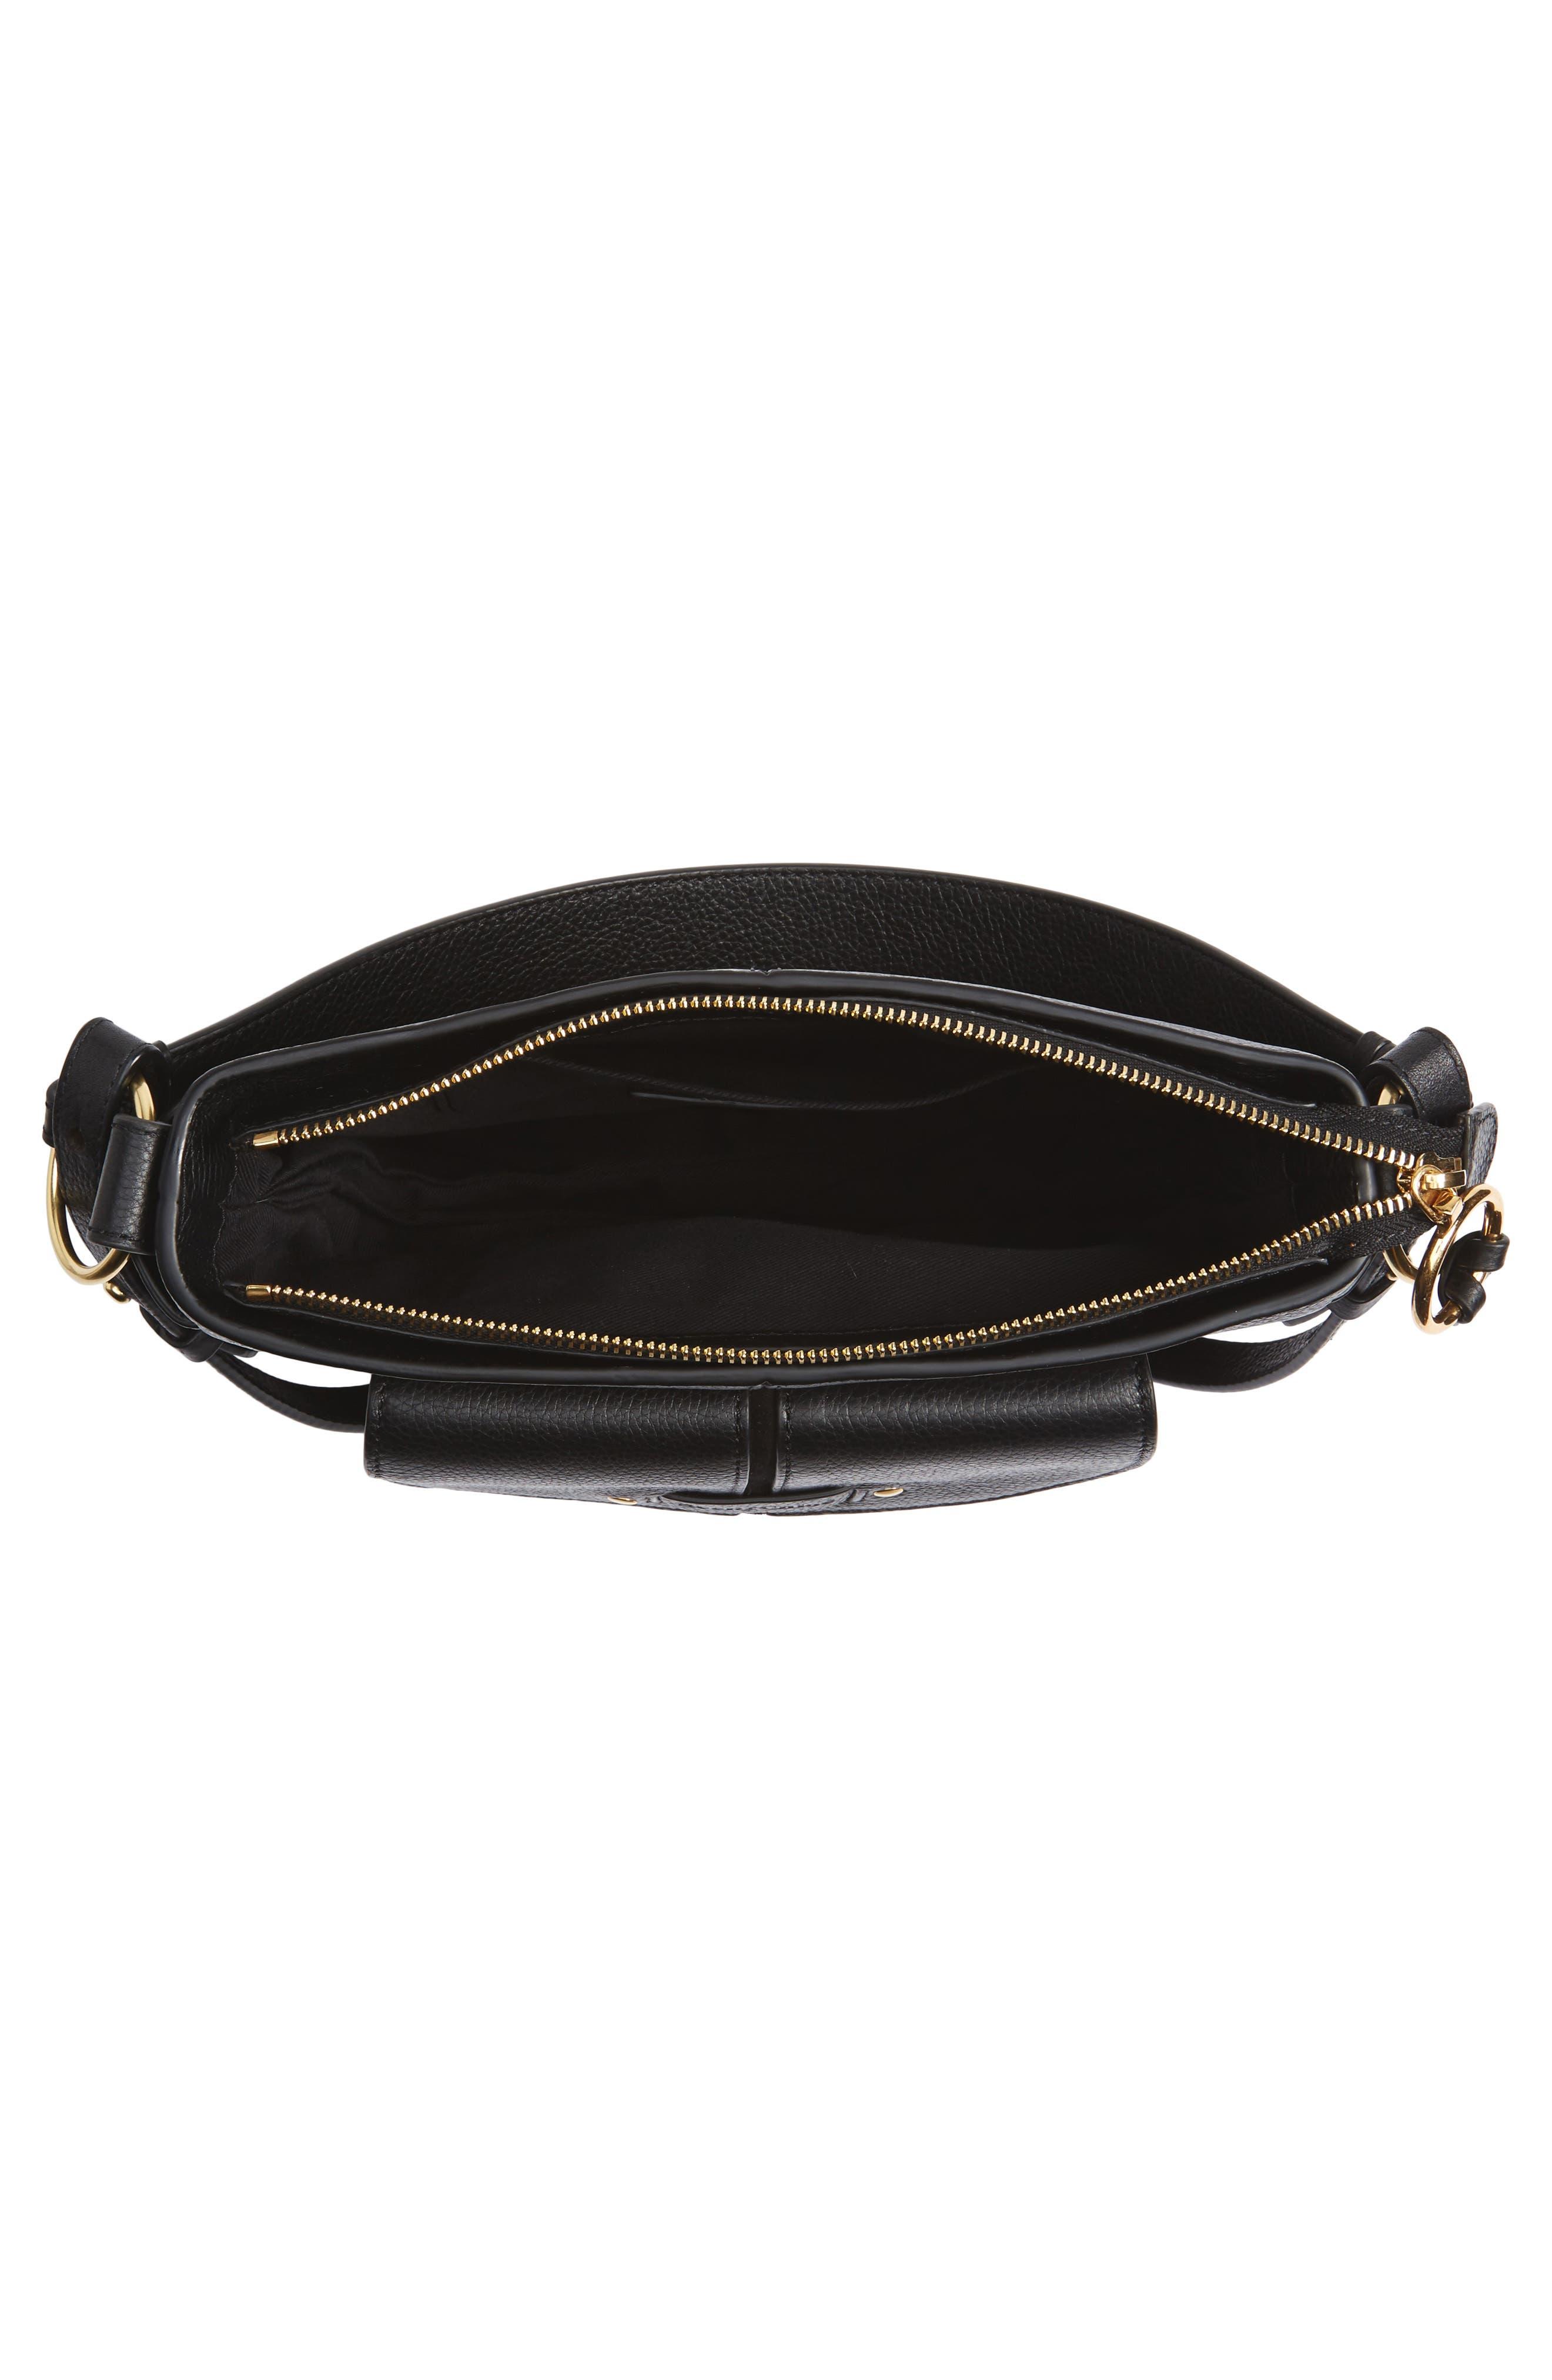 Leather Shoulder Bag,                             Alternate thumbnail 4, color,                             001